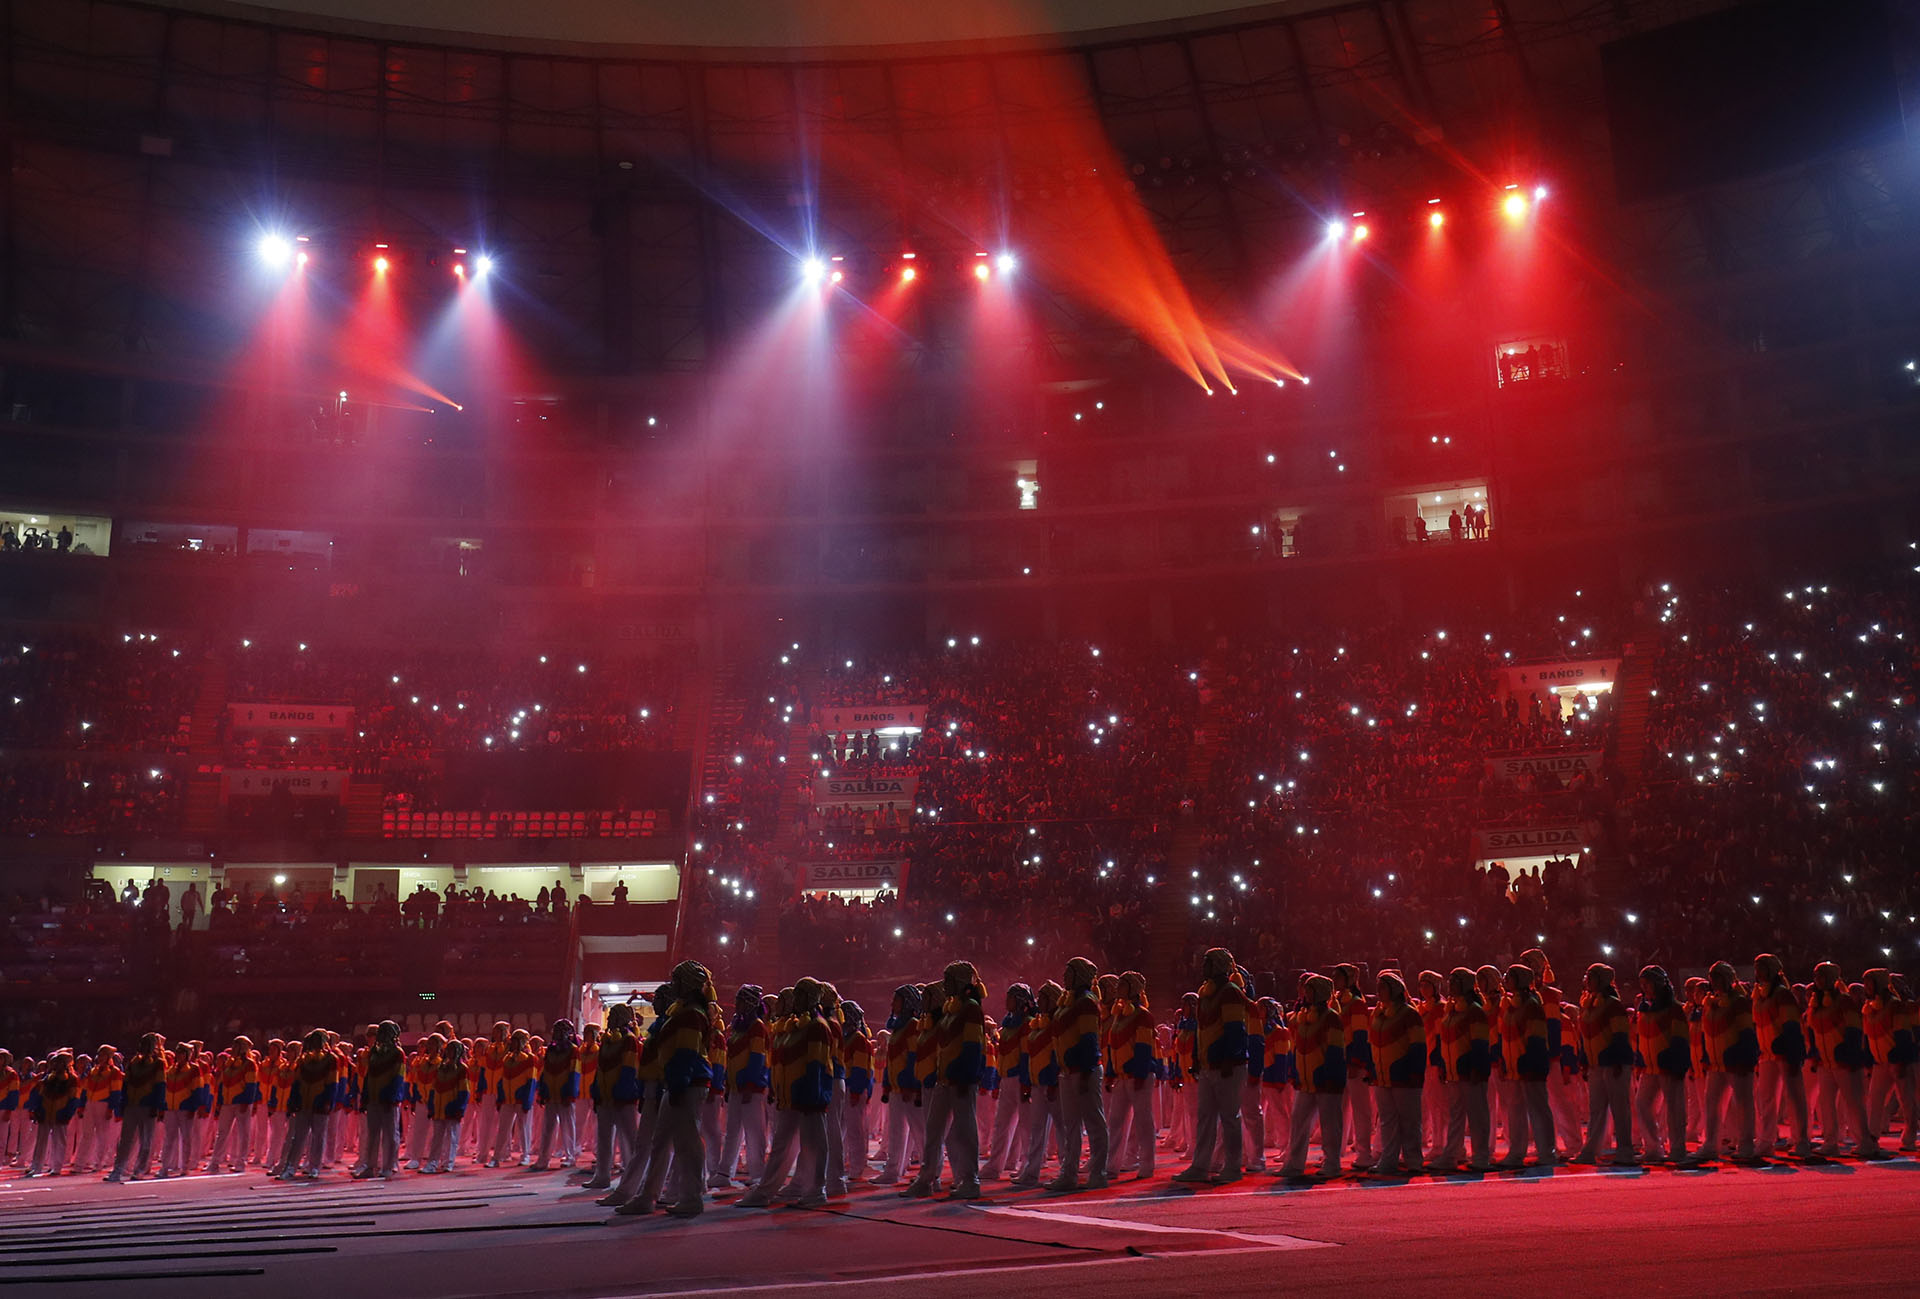 Más de 30 mil personas disfrutan de la ceremonia inaugural de Lima 2019 (REUTERS/Susana Vera)